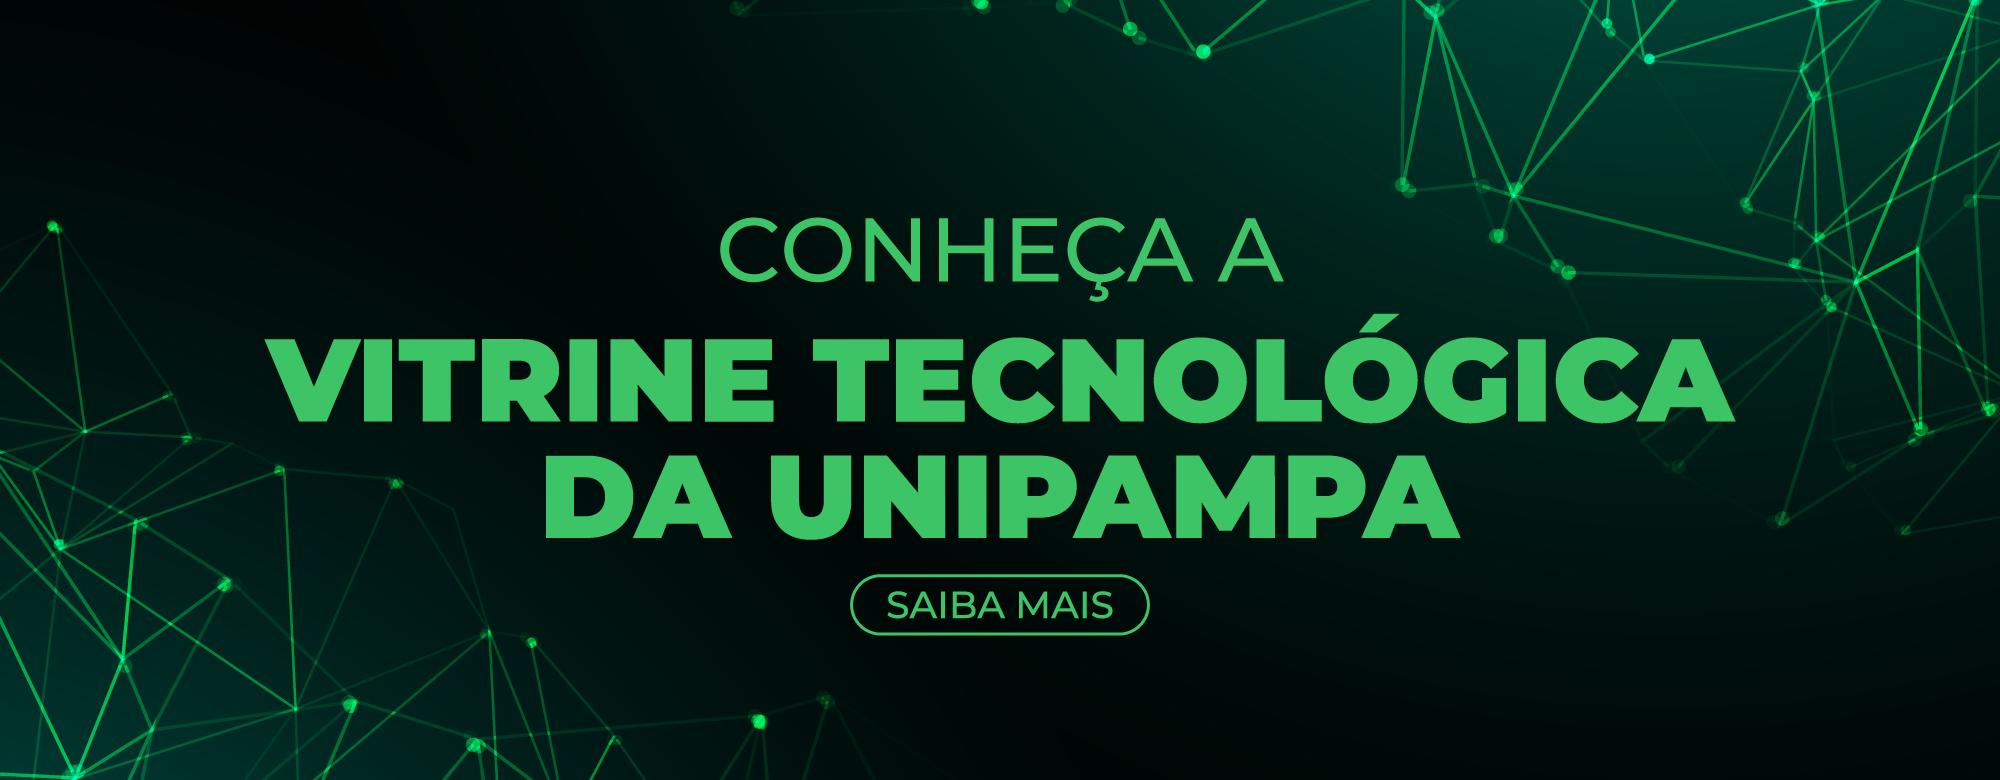 Vitrine Tecnológica expõe inovações produzidas na Unipampa